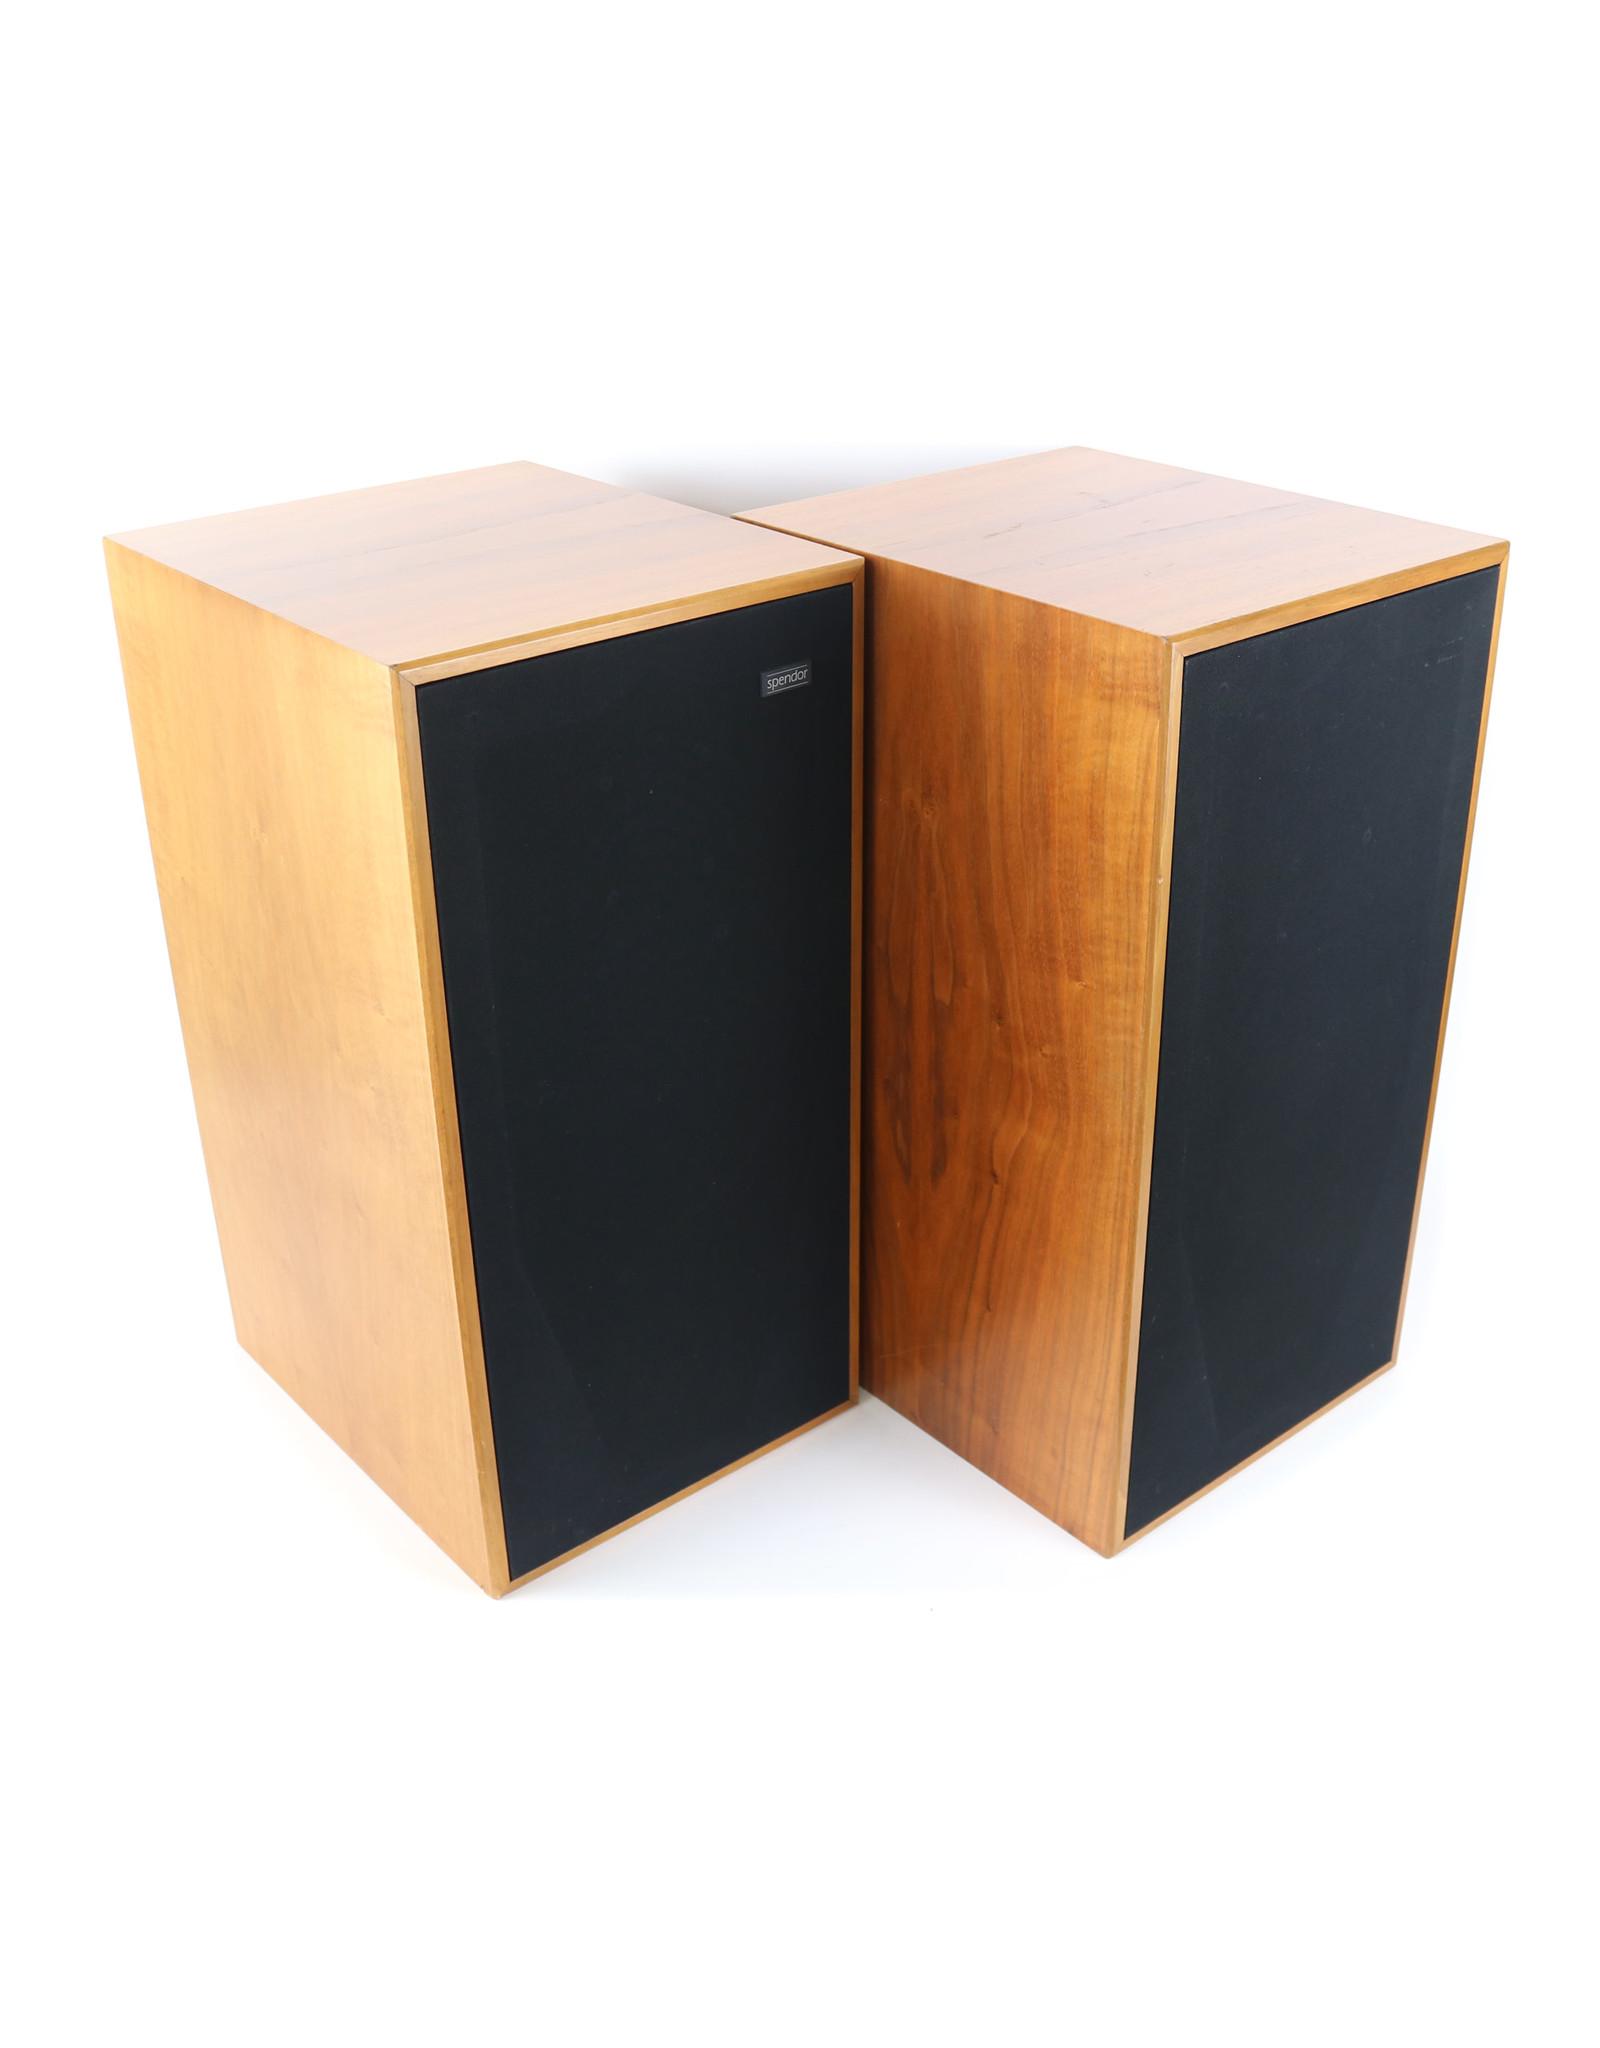 Spendor Spendor SP2/3 Standmount Speakers USED